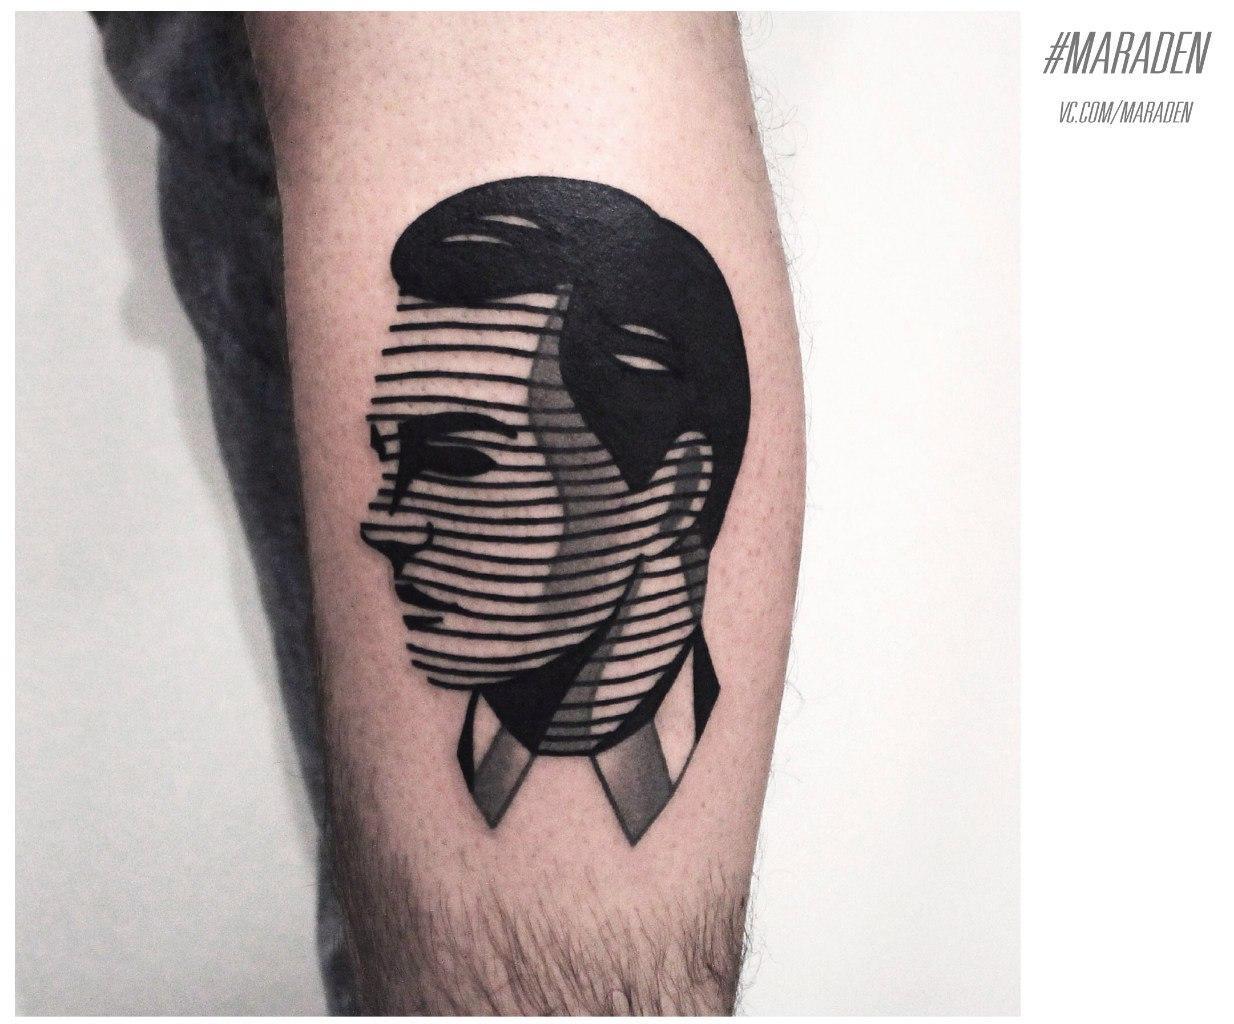 Художественная татуировка «Голова мужчины». Мастер — Денис Марахин